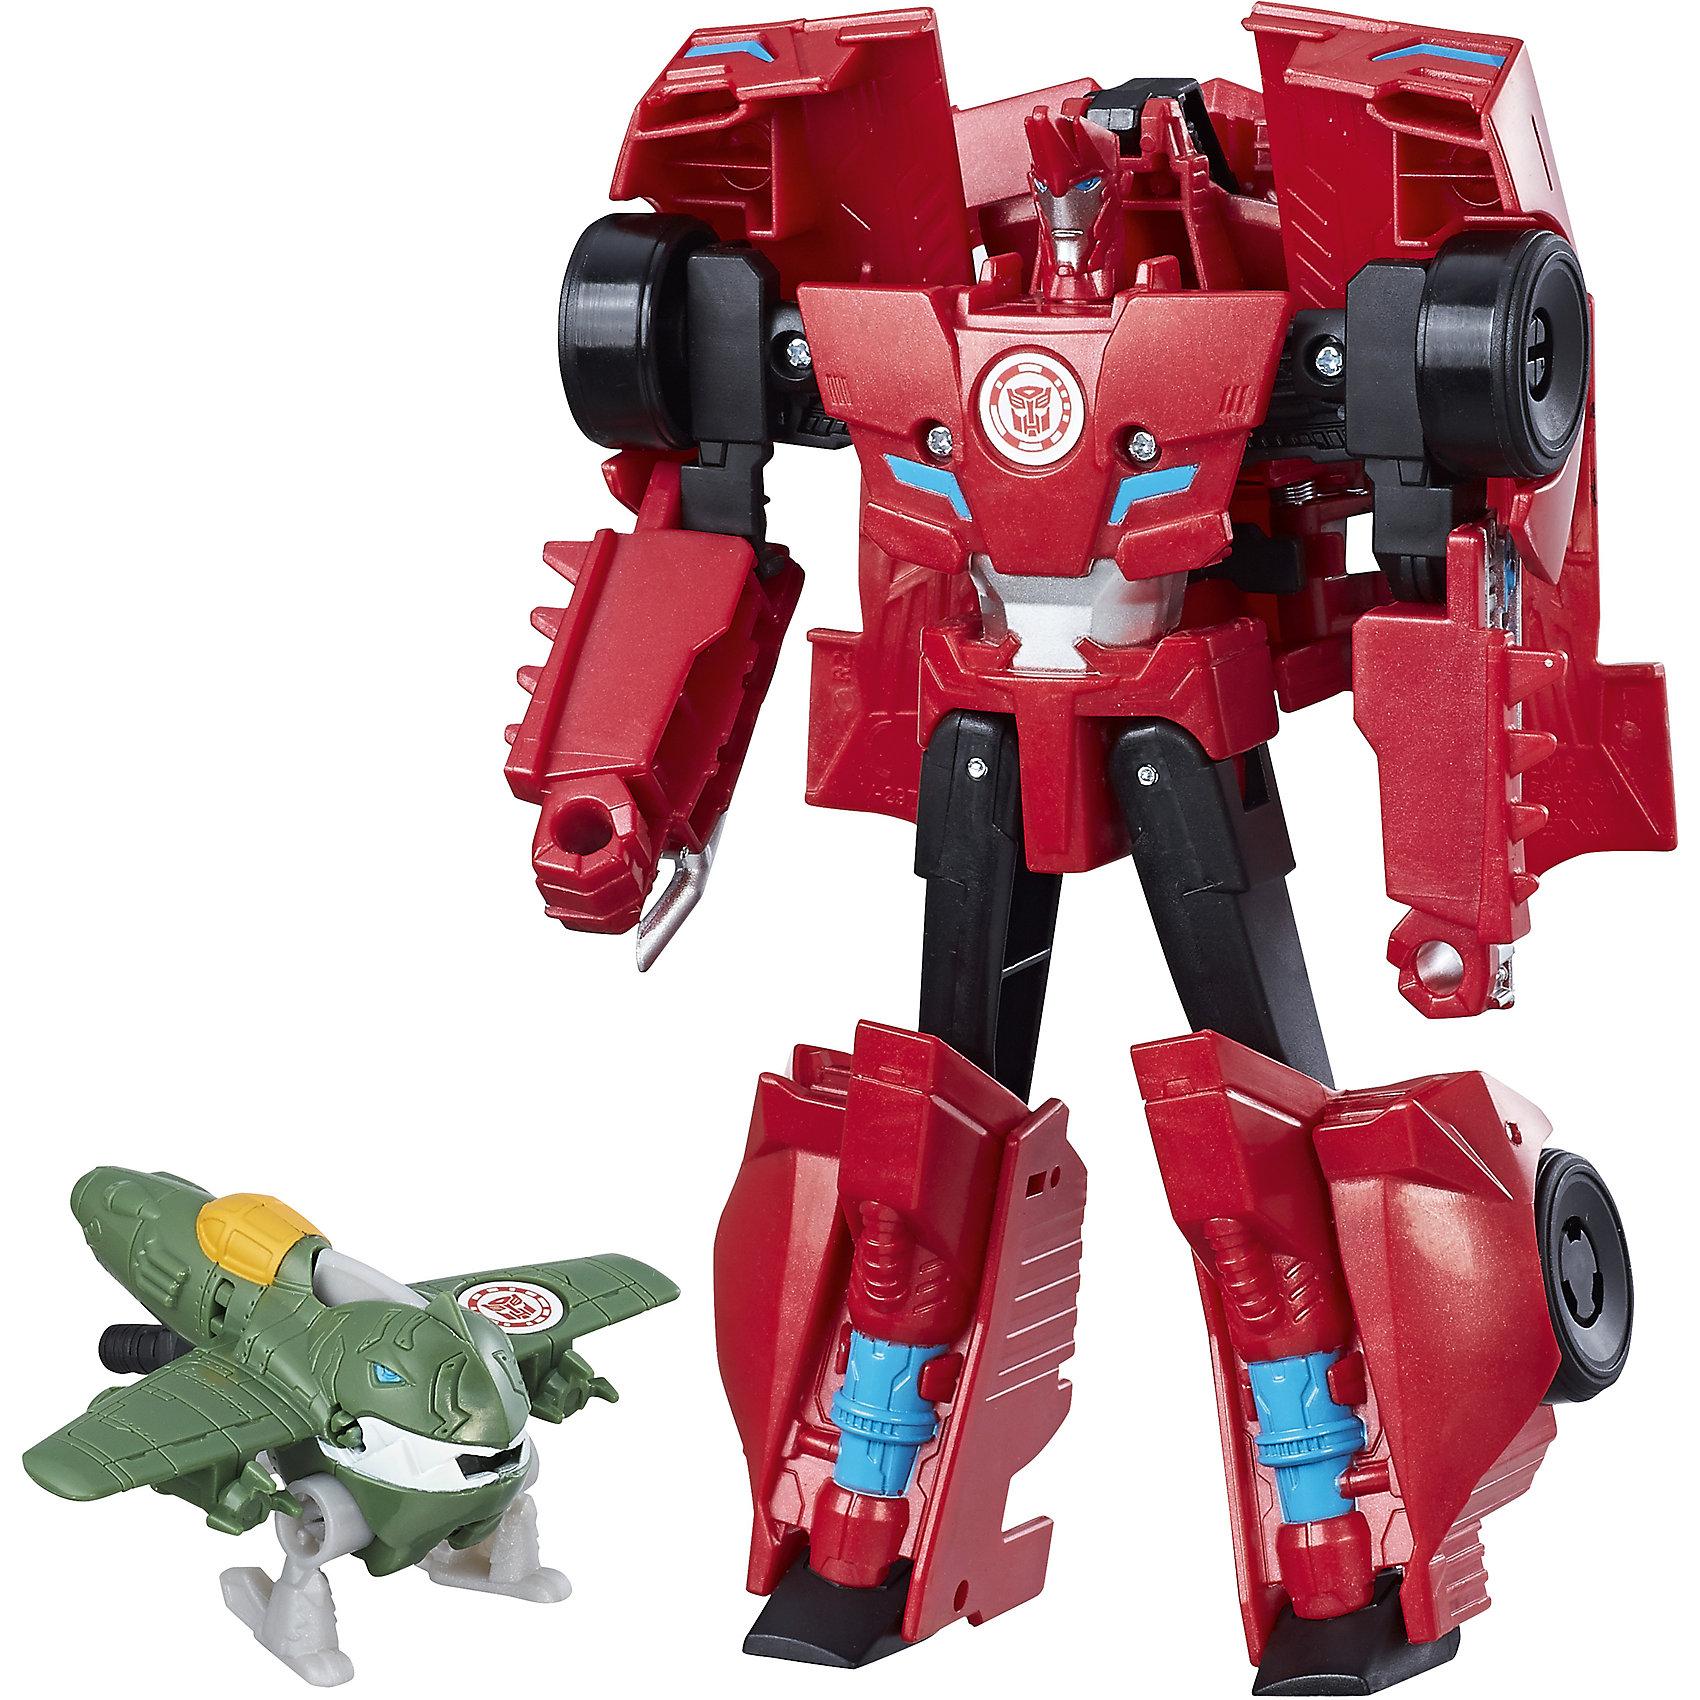 Роботы под прикрытием: Гирхэд-Комбайнер, Трансформеры, C0653/C0905Игрушки<br>Роботы под прикрытием: Гирхэд-Комбайнер, Трансформеры, C0653/C0905<br><br>Характеристики:<br><br>- в набор входит: трансформер, активатор<br>- состав: пластик<br>- для детей в возрасте: от 6 до 12 лет<br>- Страна производитель: Китай<br><br>Знаменитые роботы Трансформеры из серии Роботы под прикрытием от известного американского бренда товаров для детей Hasbro (Хасбро) придут по вкусу всем фанатам роботов, машин и фильмов Трансформеры. В сложенном виде робот выглядит как обычная машинка, на крышу присоединяется собранный активатор-трансформер. Машинка отлично ездит и хорошо детализирована. Машинку легко разложить во внушительного робота, защищающего людей. Робот двигает руками и ногами, небольшой активатор тоже раскладывается в мини-робота с лицом и руками. Вместе с установленным мини-роботом трансформер работает в особом секретном режиме. <br><br>Соберите всех трансформеров из серии Роботы под прикрытием и никогда с ними не расставайтесь! Набор отлично подойдет как для игры дома, так и для игр в поездке. Все детали изготовлены из высококачественного пластика. Играя с этим набором ребенок сможет развивать социальные навыки, развивать воображение и творческие способности. <br><br>Игрушку Роботы под прикрытием: Гирхэд-Комбайнер, Трансформеры, C0653/C0905 можно купить в нашем интернет-магазине.<br><br>Ширина мм: 60<br>Глубина мм: 229<br>Высота мм: 203<br>Вес г: 285<br>Возраст от месяцев: 72<br>Возраст до месяцев: 192<br>Пол: Мужской<br>Возраст: Детский<br>SKU: 5385793